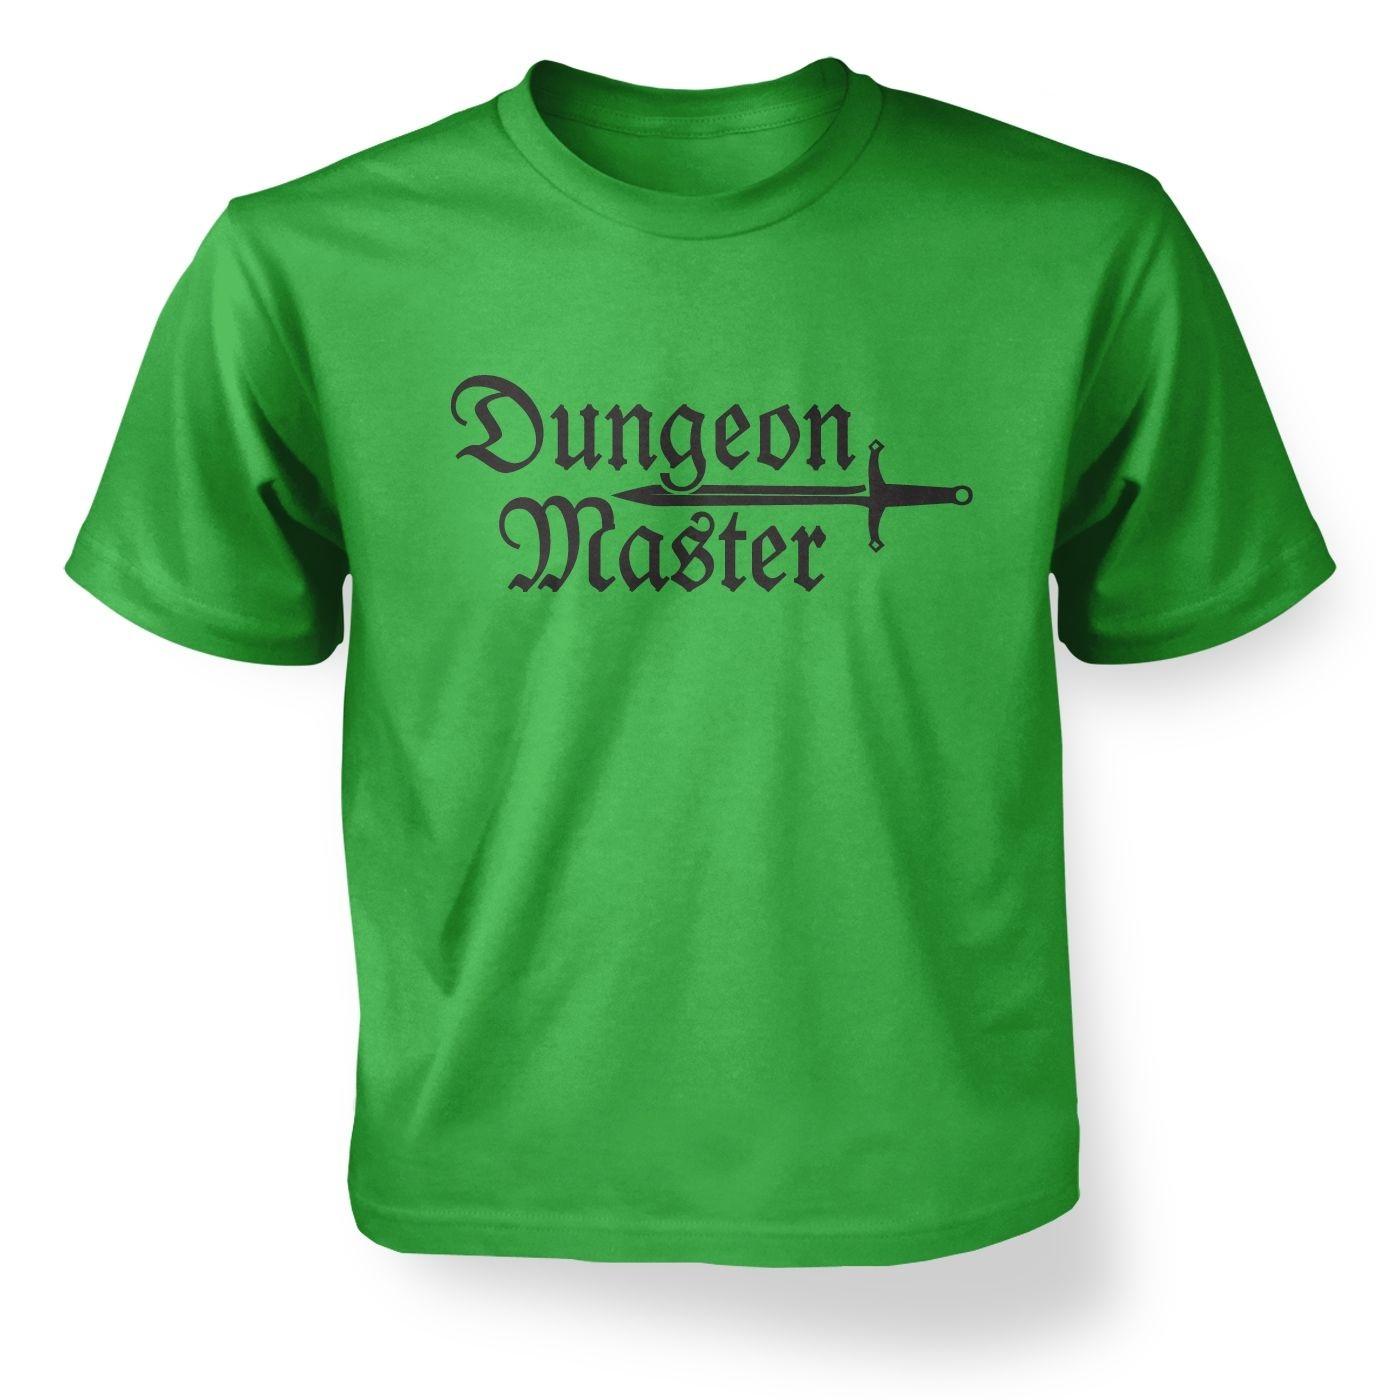 Dungeon Master children's t-shirt